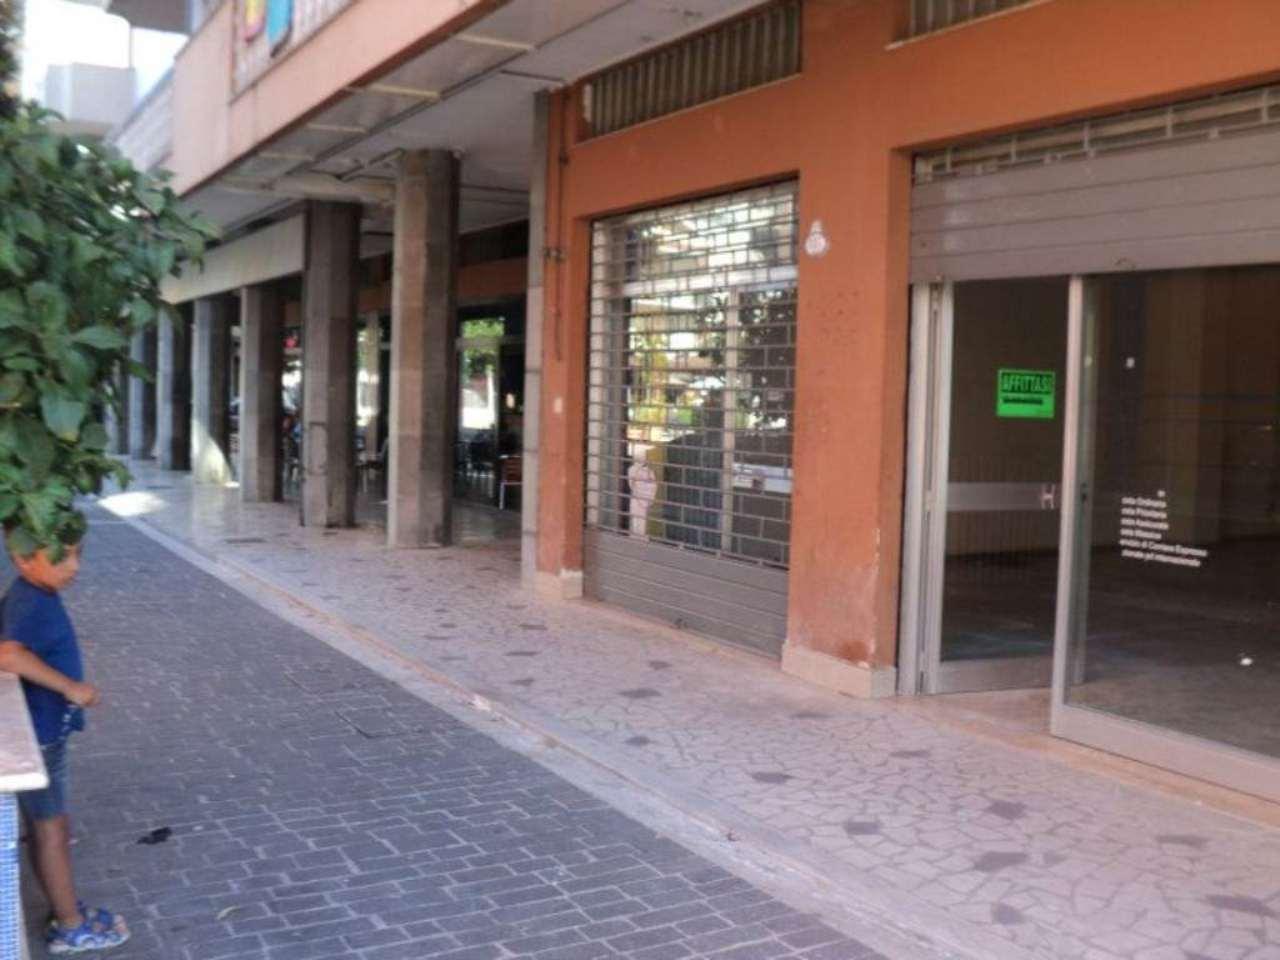 Negozio / Locale in affitto a Montesilvano, 1 locali, prezzo € 500 | Cambio Casa.it